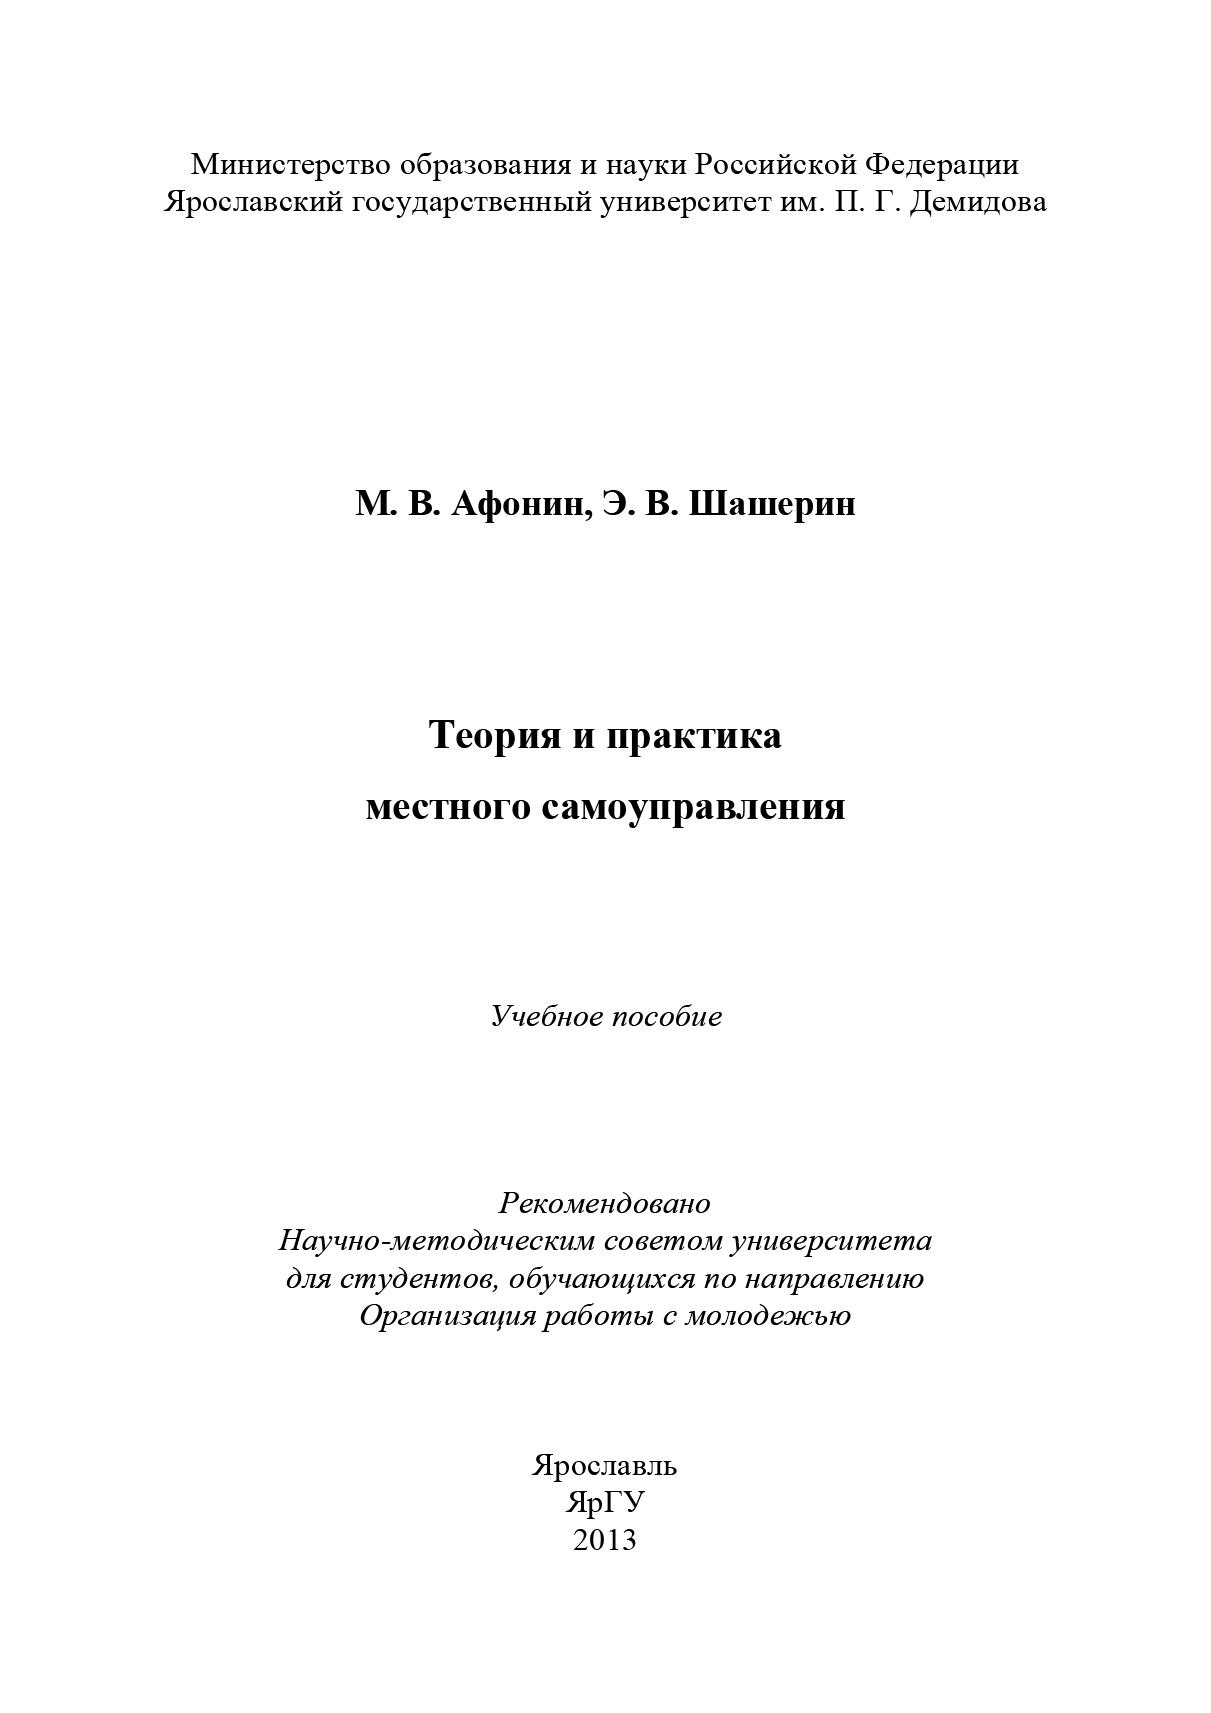 М. В. Афонин Теория и практика местного самоуправления